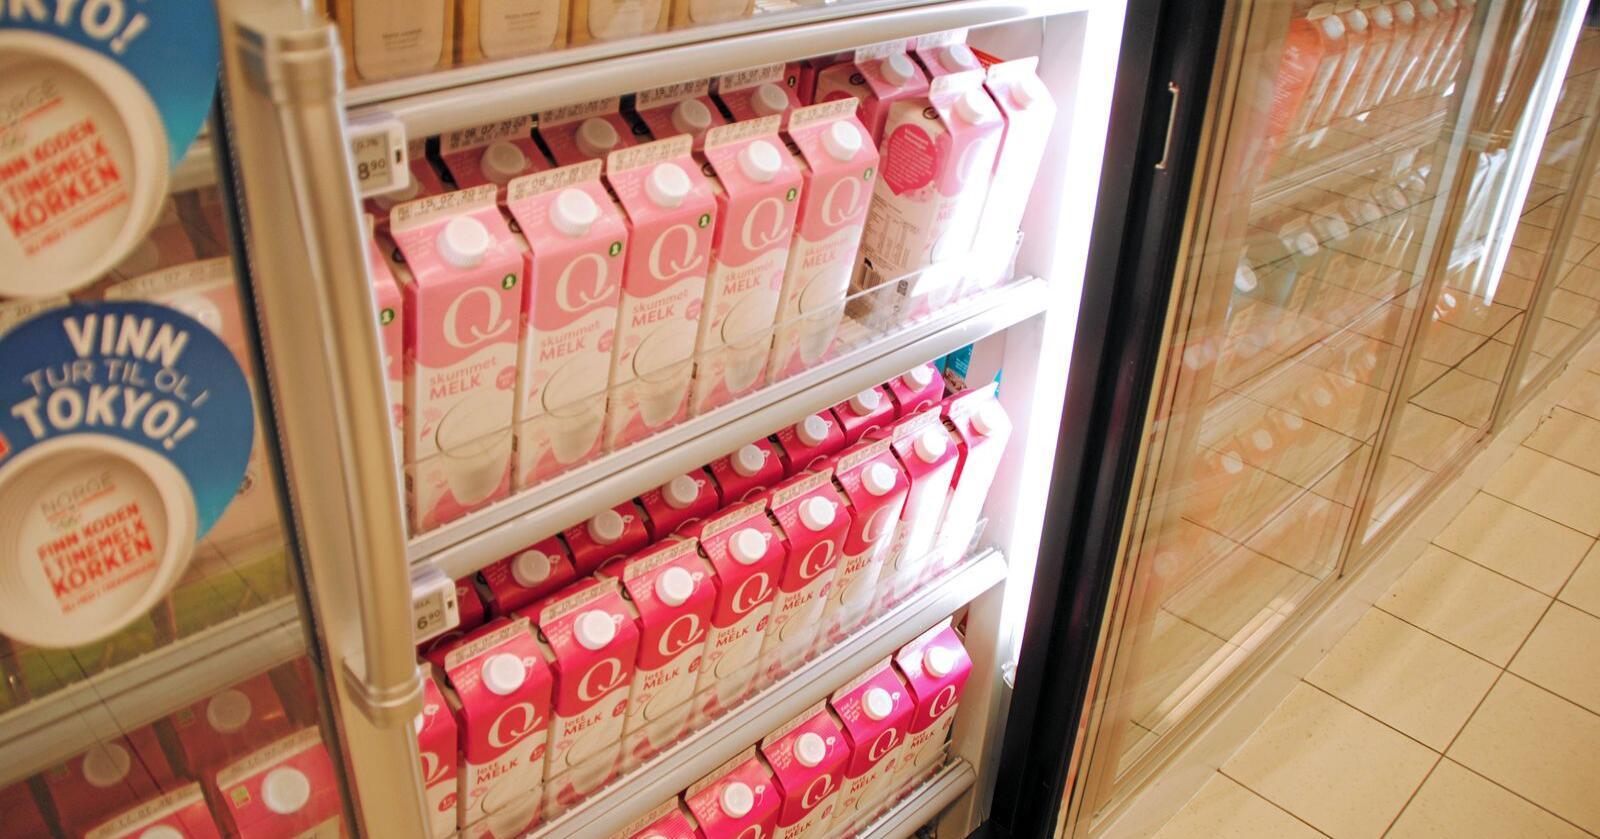 I butikkene i dag finner man melk fra både tine, Q og Rørosmeiriene. Foto: Lars Bilit Hagen